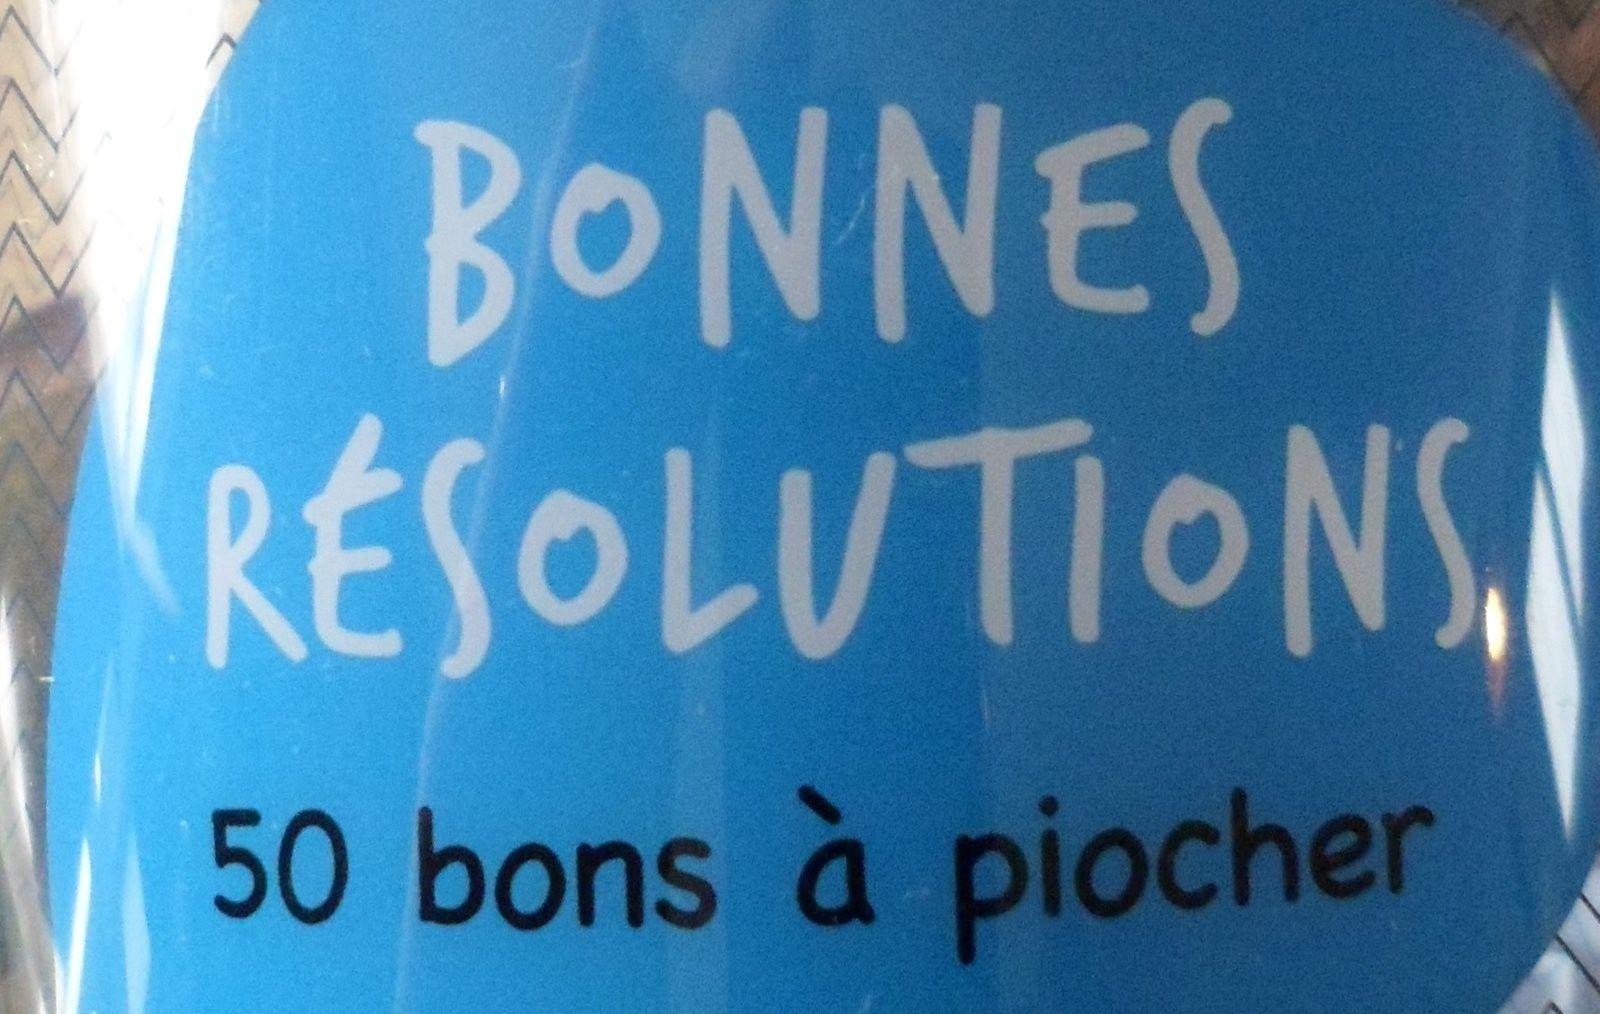 Bonnes résolutions #25